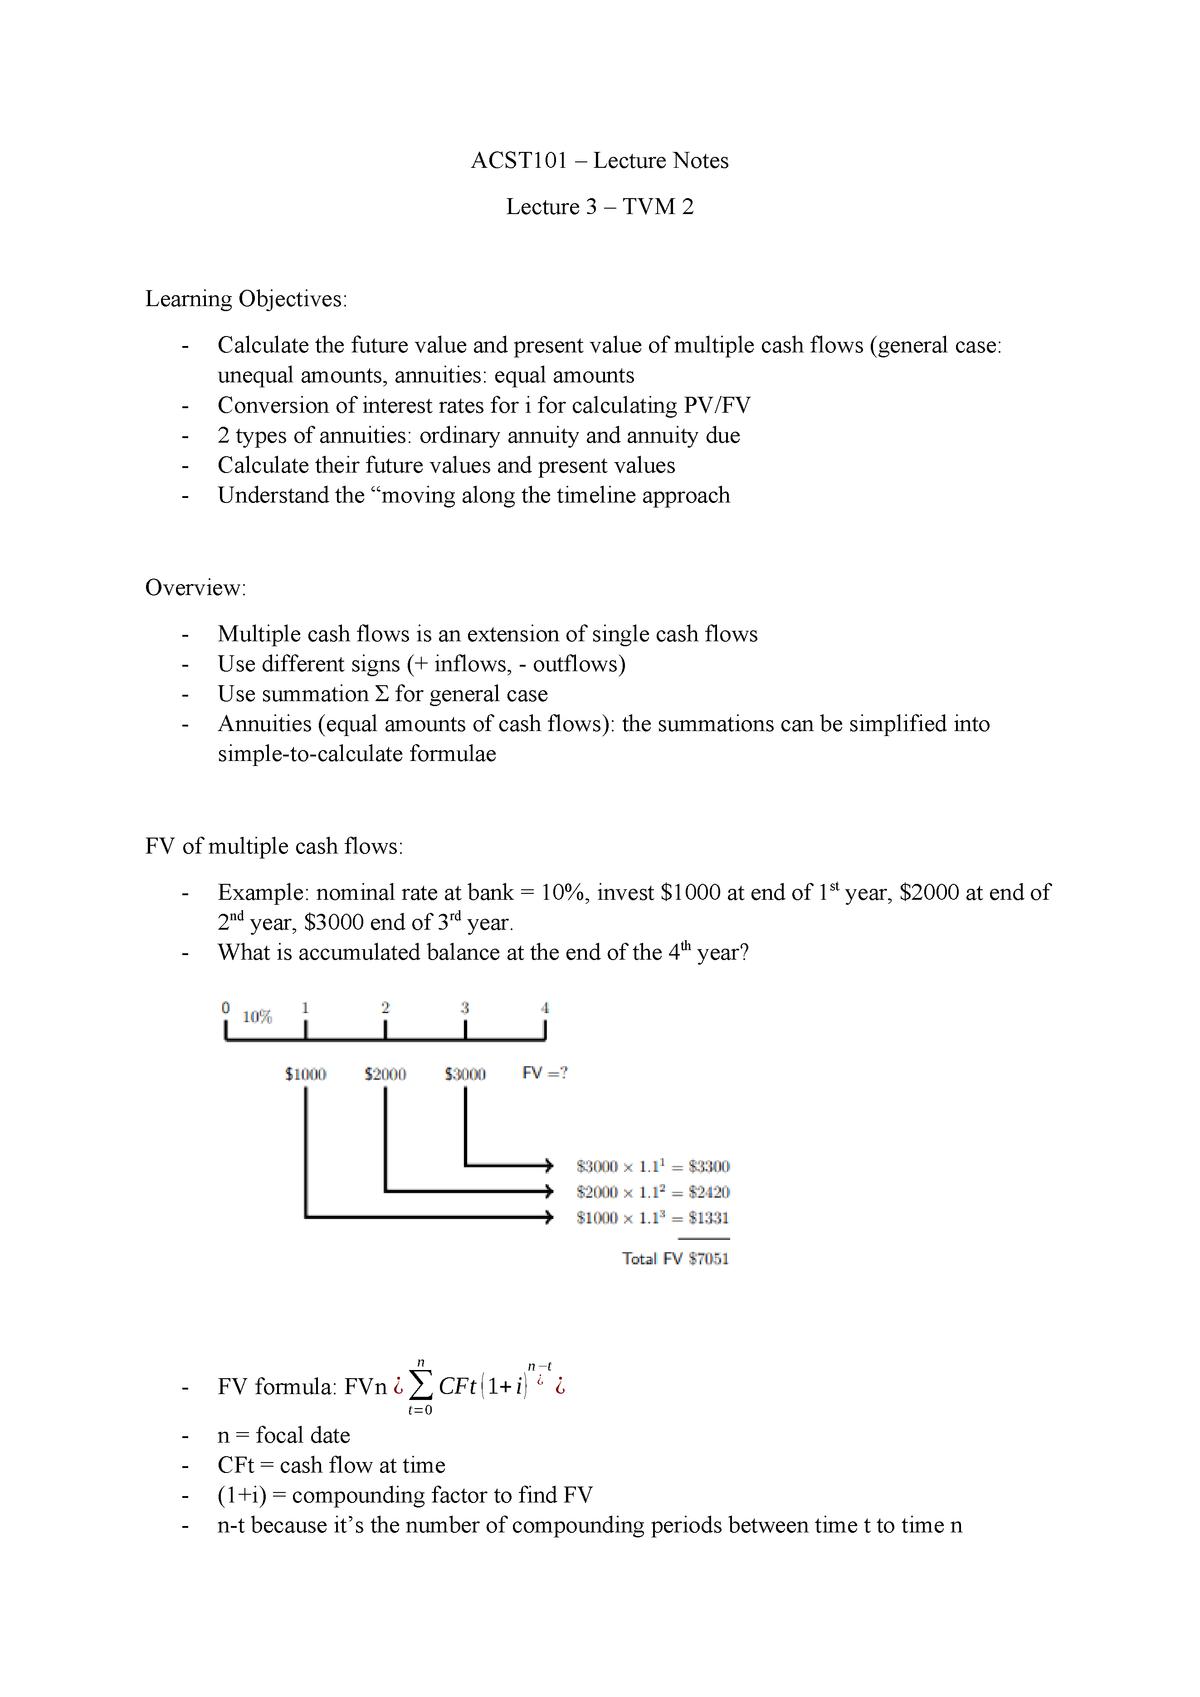 Lecture 3 - TVM 2 - ACST101: Finance 1A - StuDocu